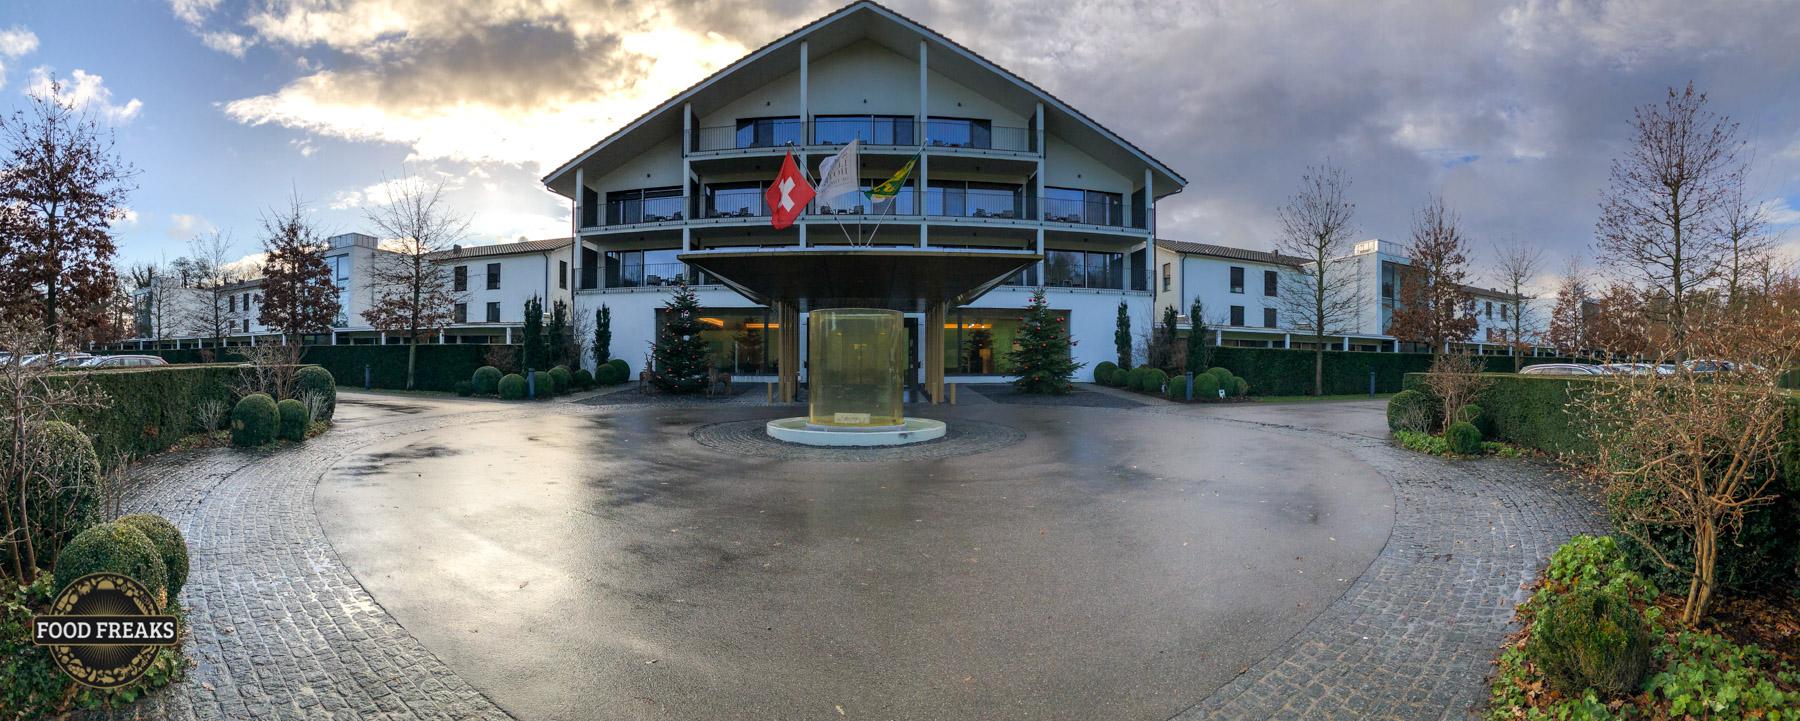 [Unterwegs] Abschalten im Hotel Golf Panorama in Lipperswil